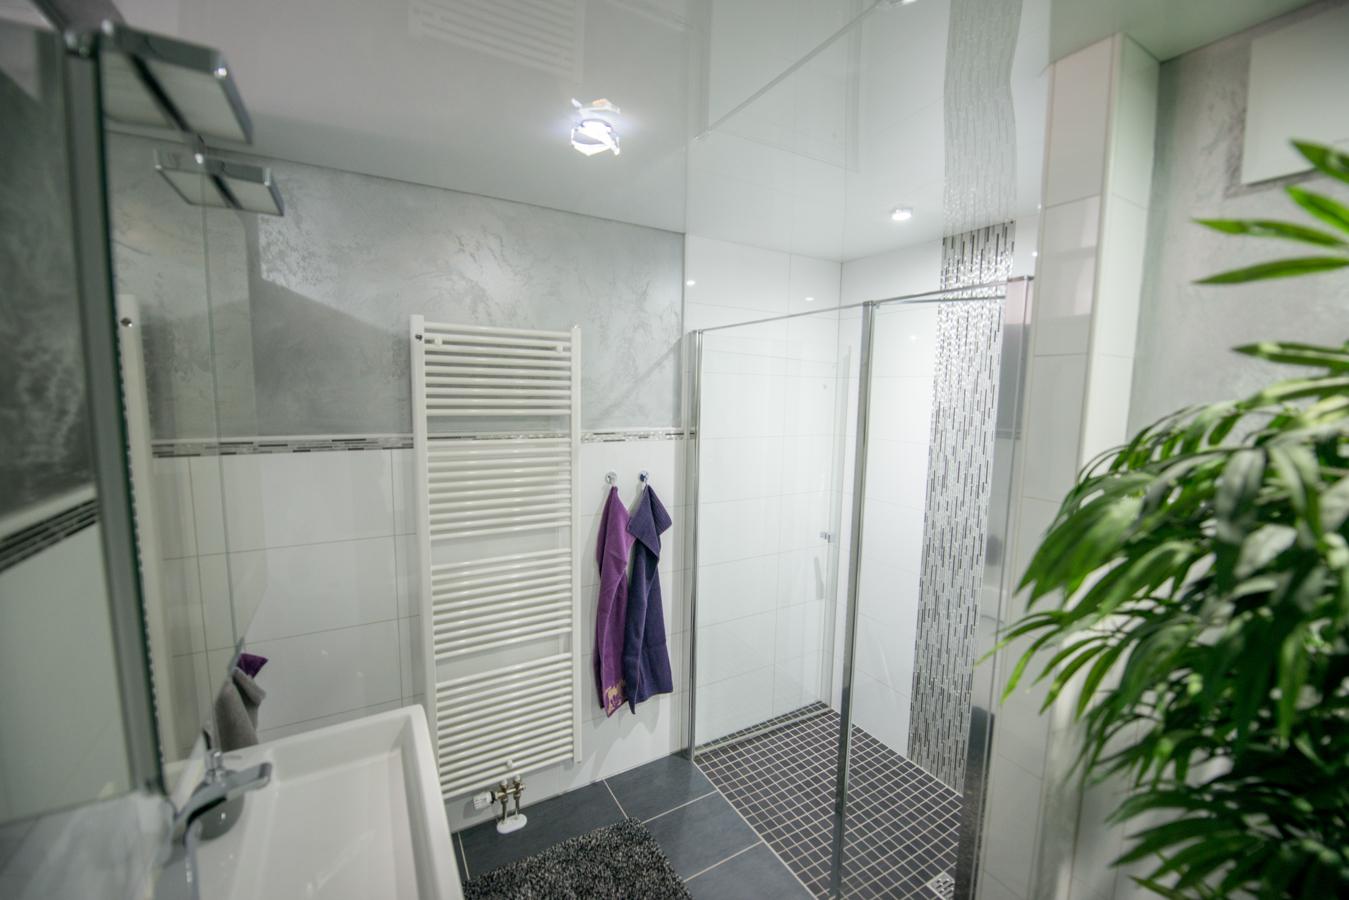 hochglanzbadezimmer gl nzender auftritt wintersohle fliesendesign fliesenleger aus br hl. Black Bedroom Furniture Sets. Home Design Ideas